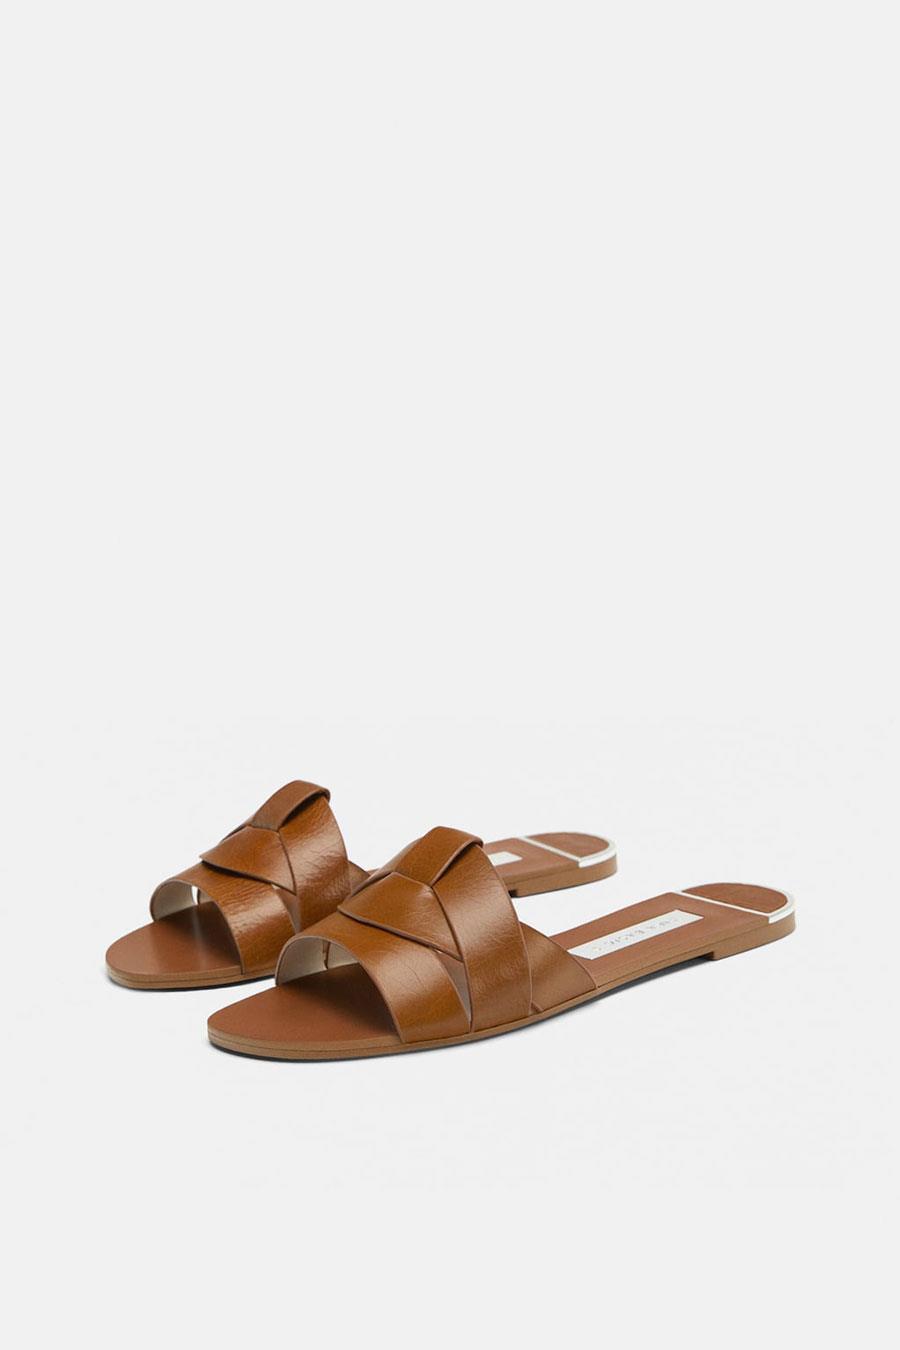 5d7aec129ab sandalias moda mujer primavera verano 2019 palas. Sandalias marrones